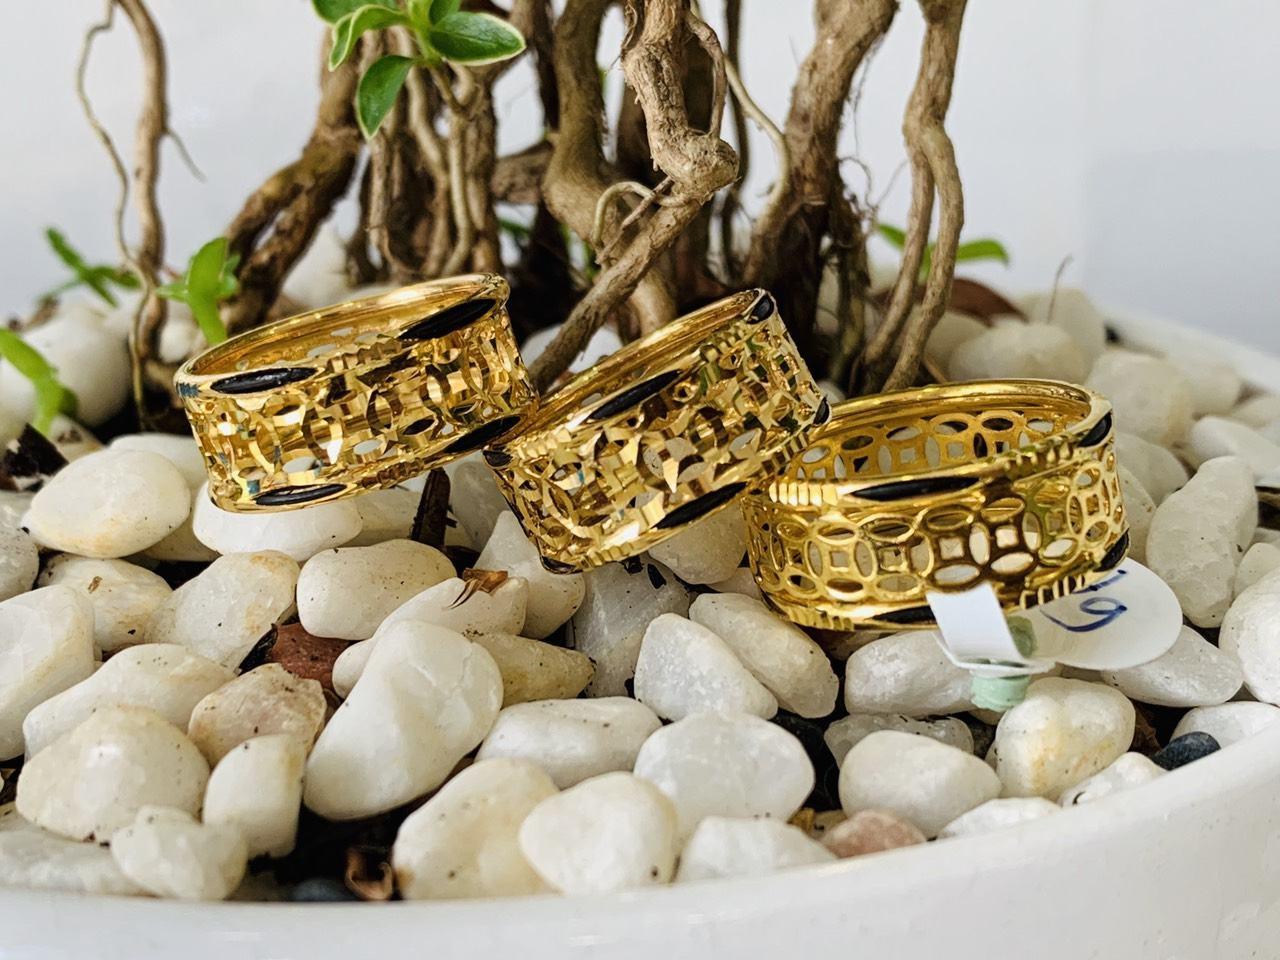 nhẫn Kim Tiền Múc Bén vàng độc đáo